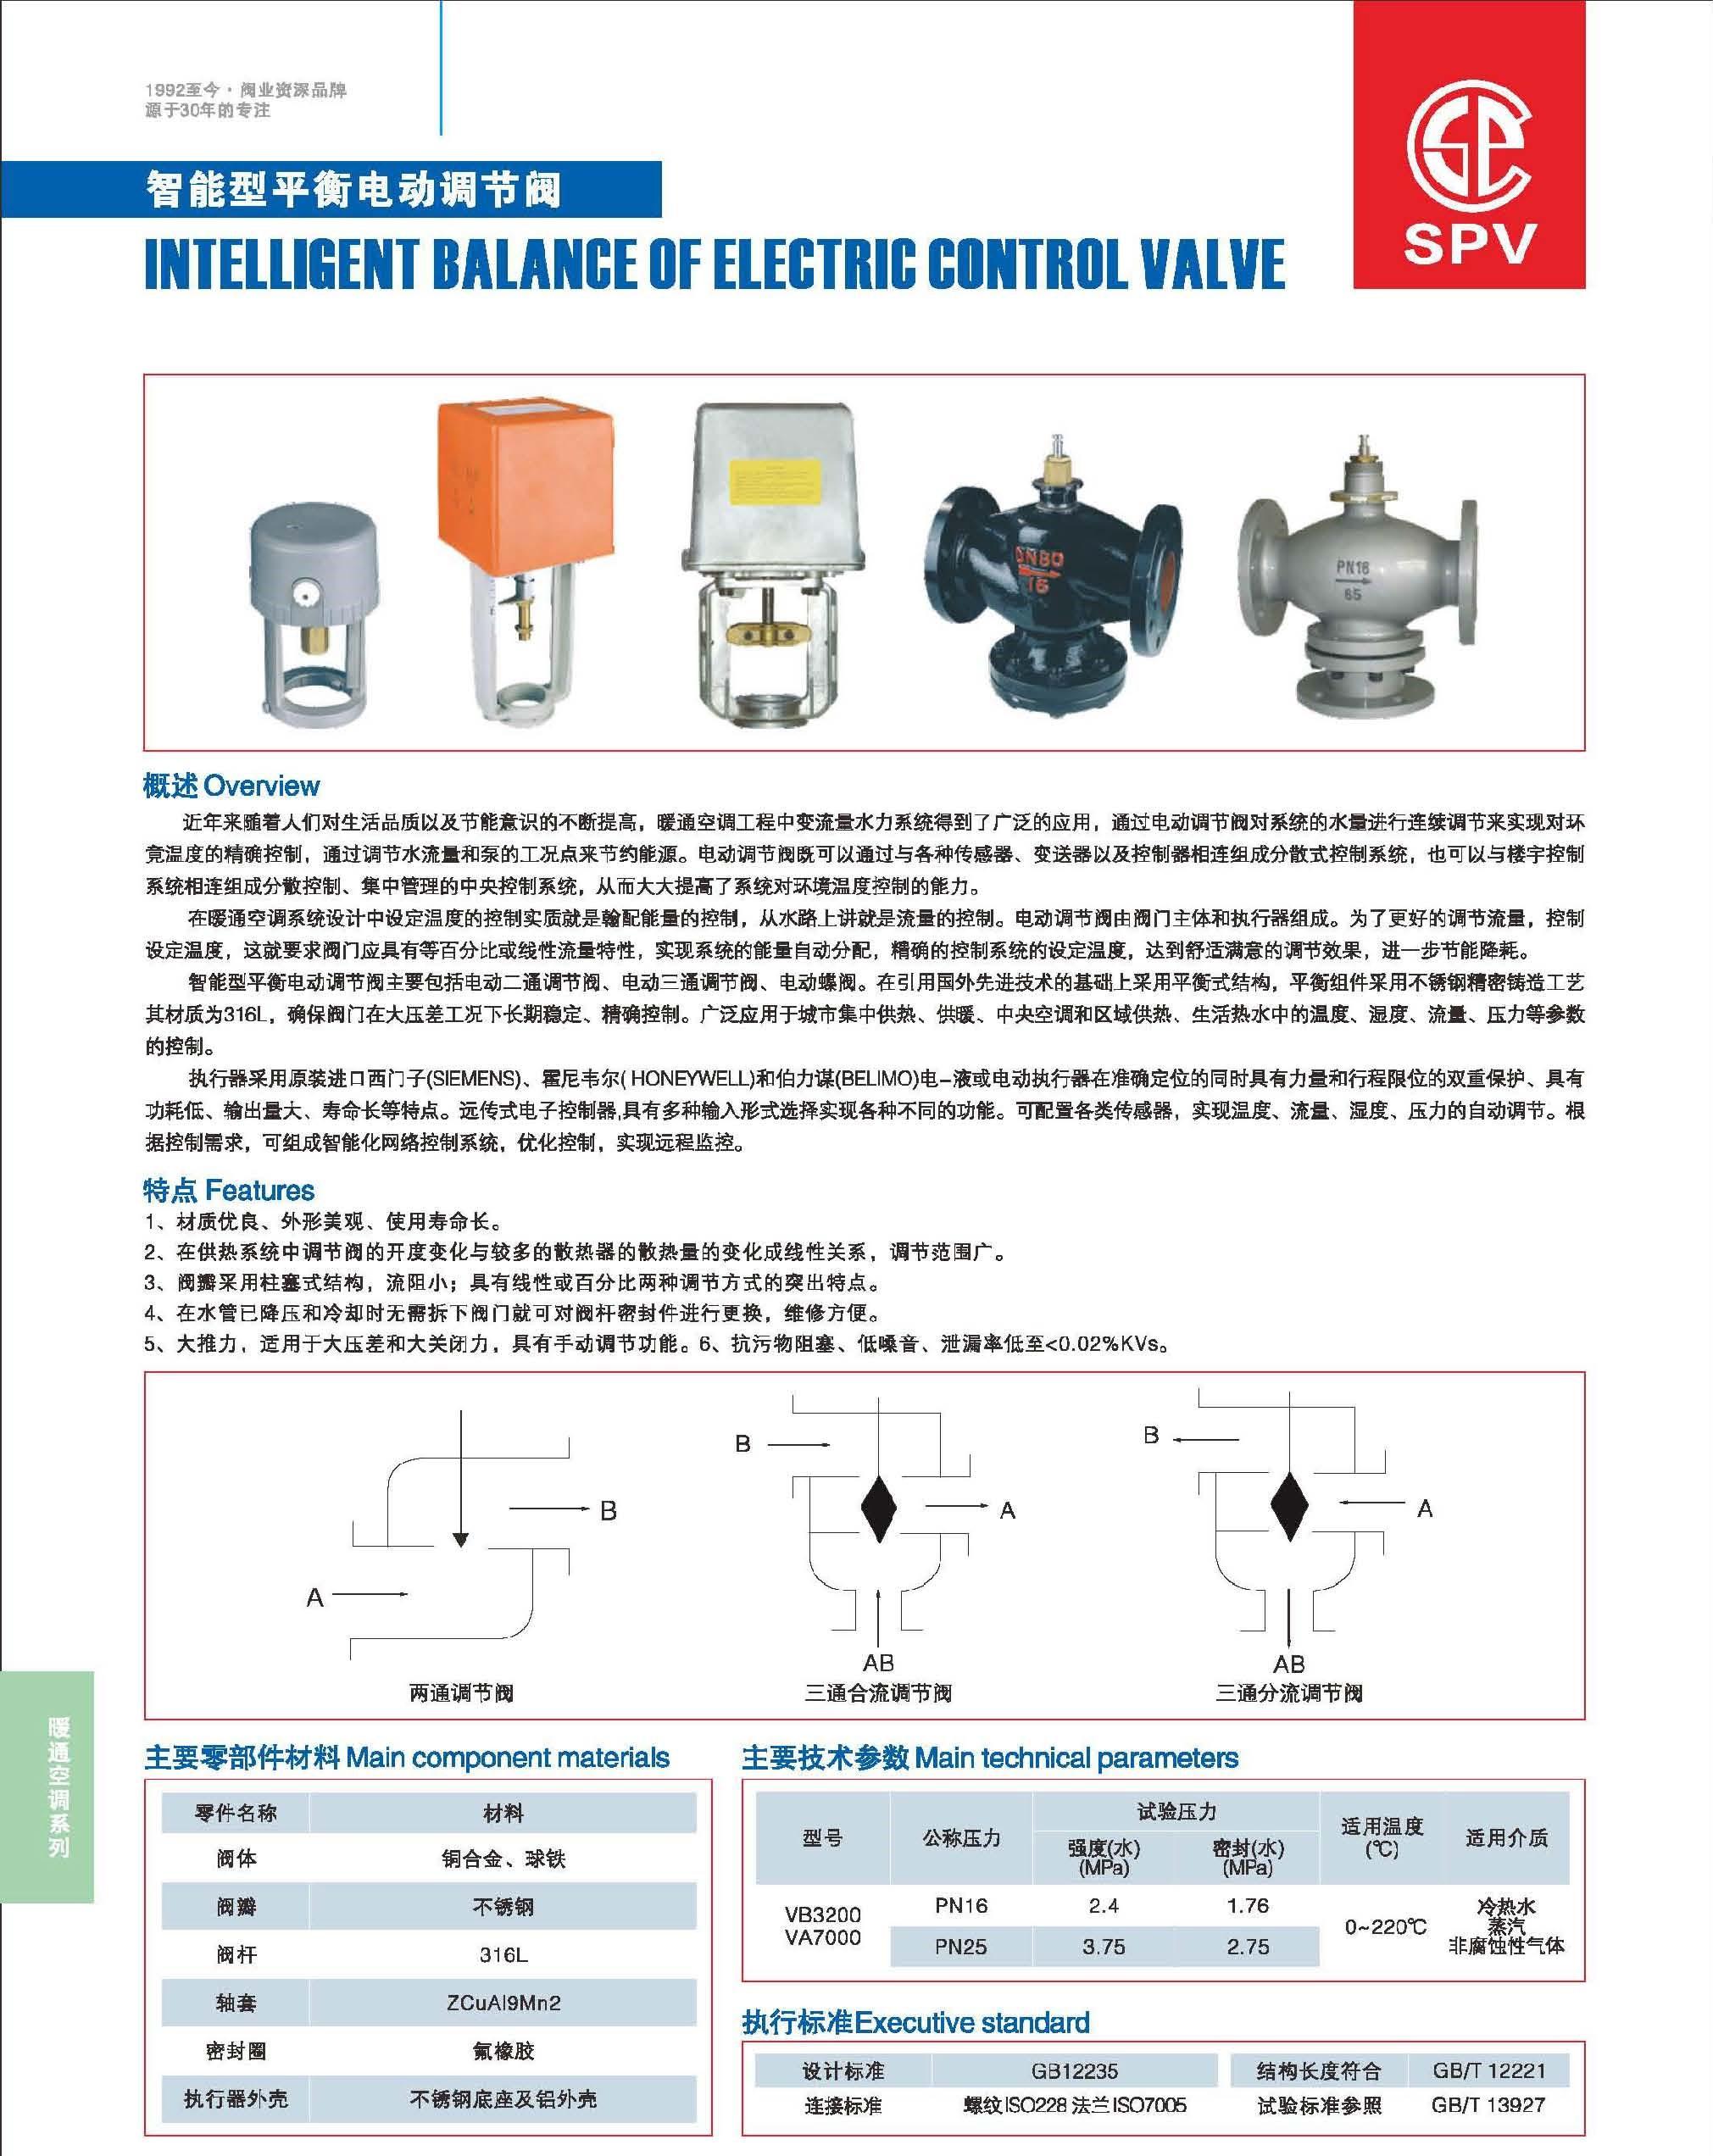 智能型平衡电动调节阀